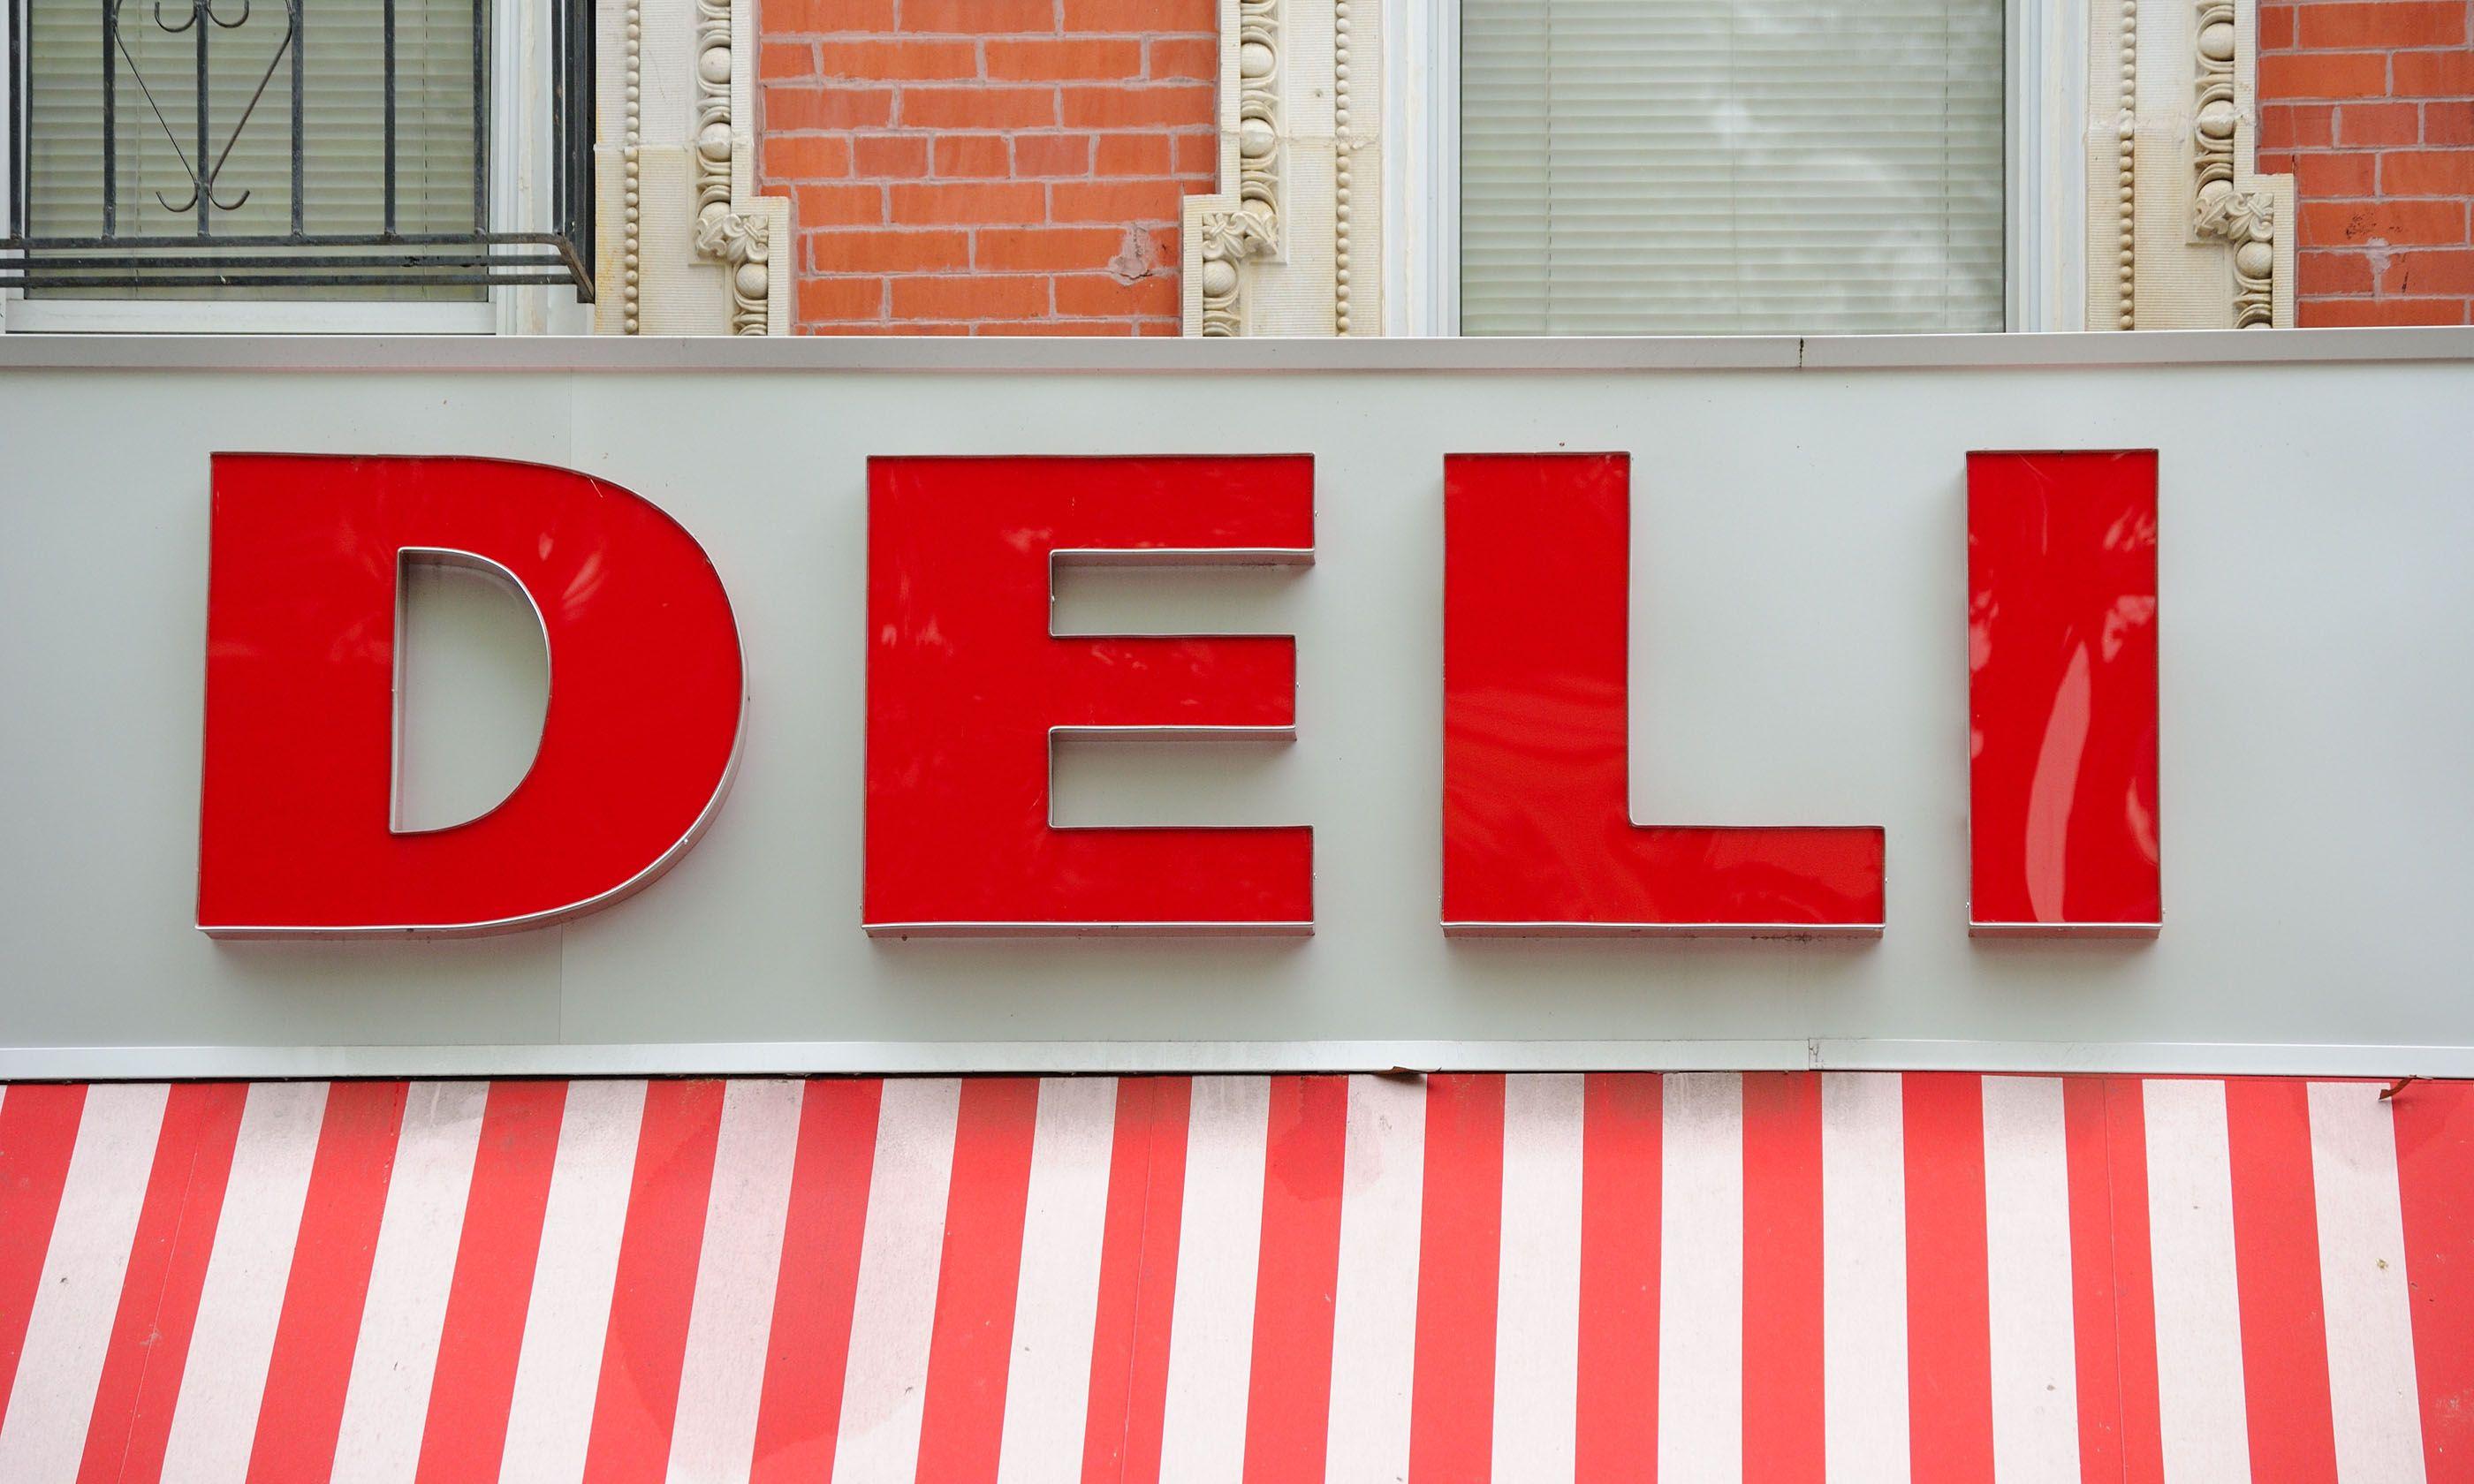 New York Deli sign